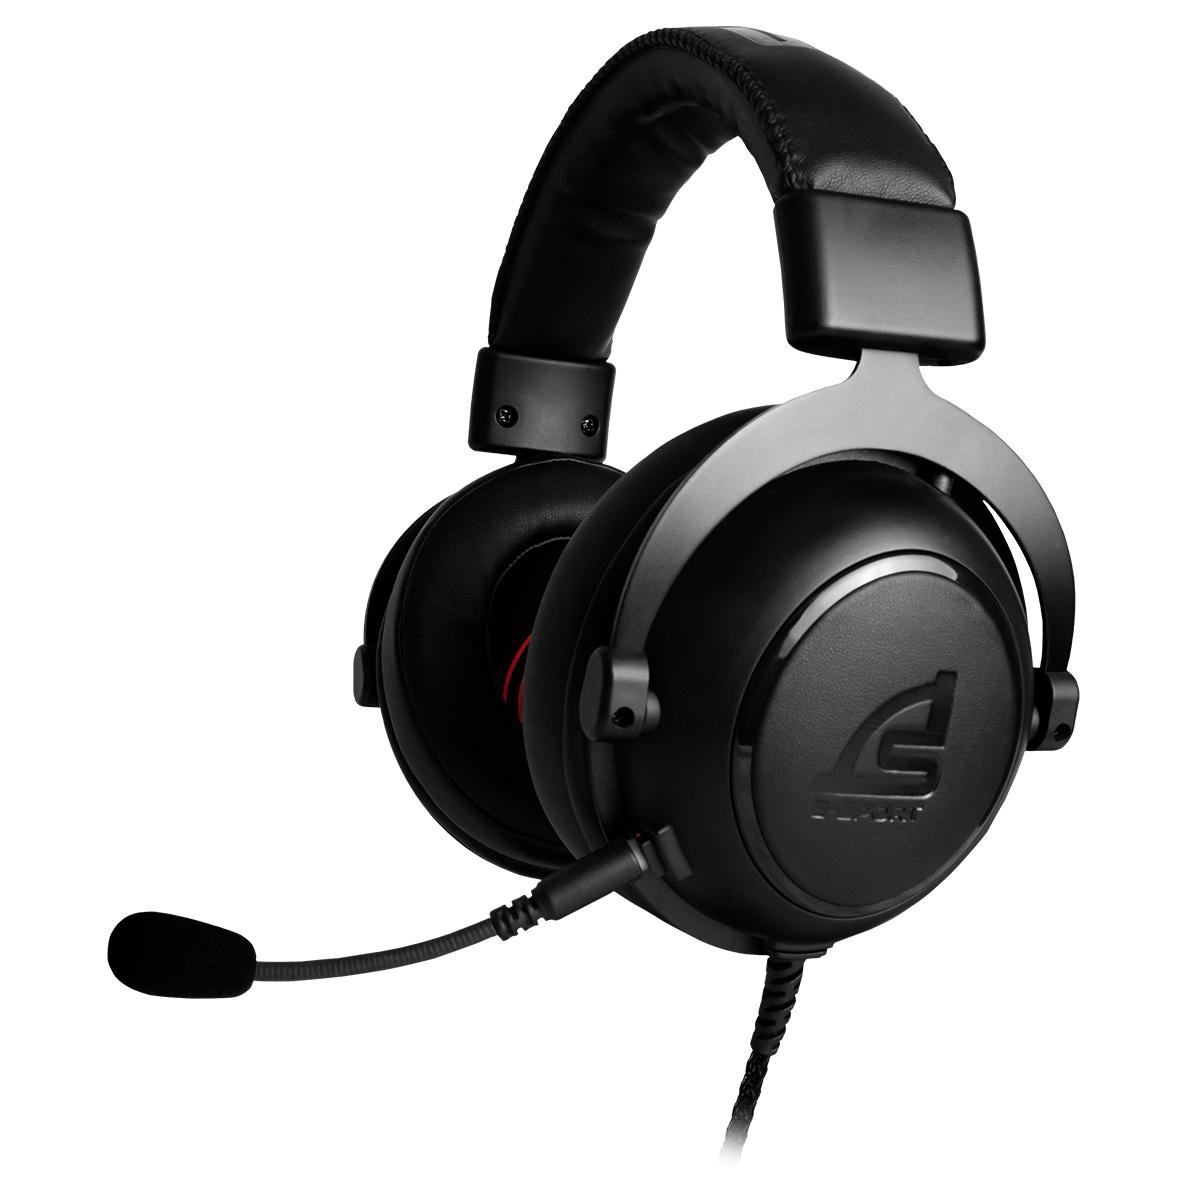 หูฟัง (สีดำ) รุ่น HP-828